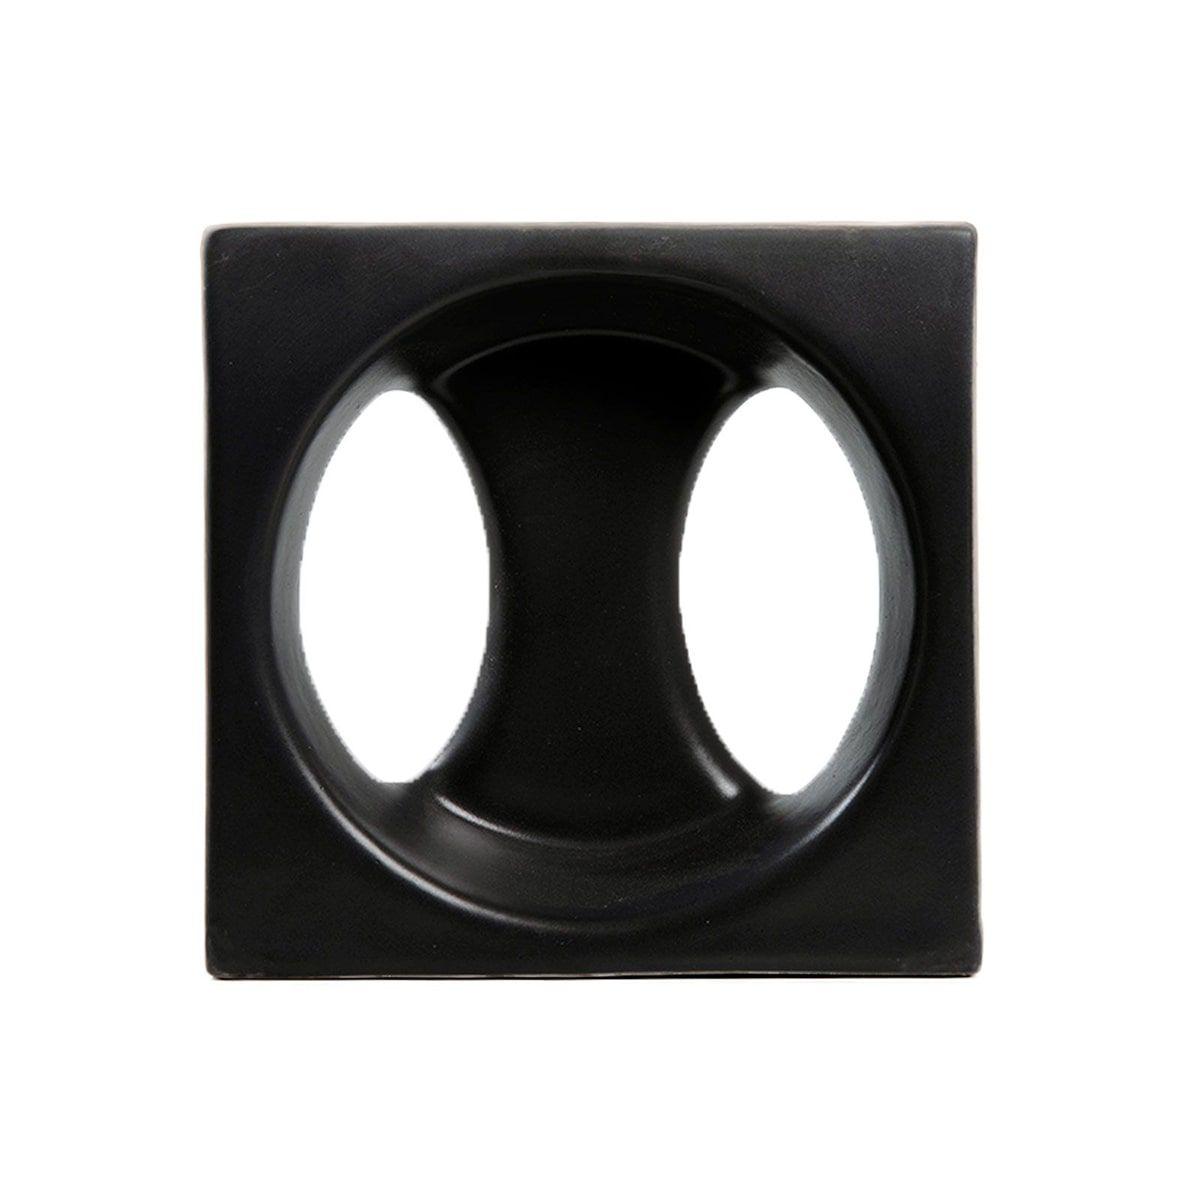 Cobogó Eclipse - Esmaltado - 20x20cm